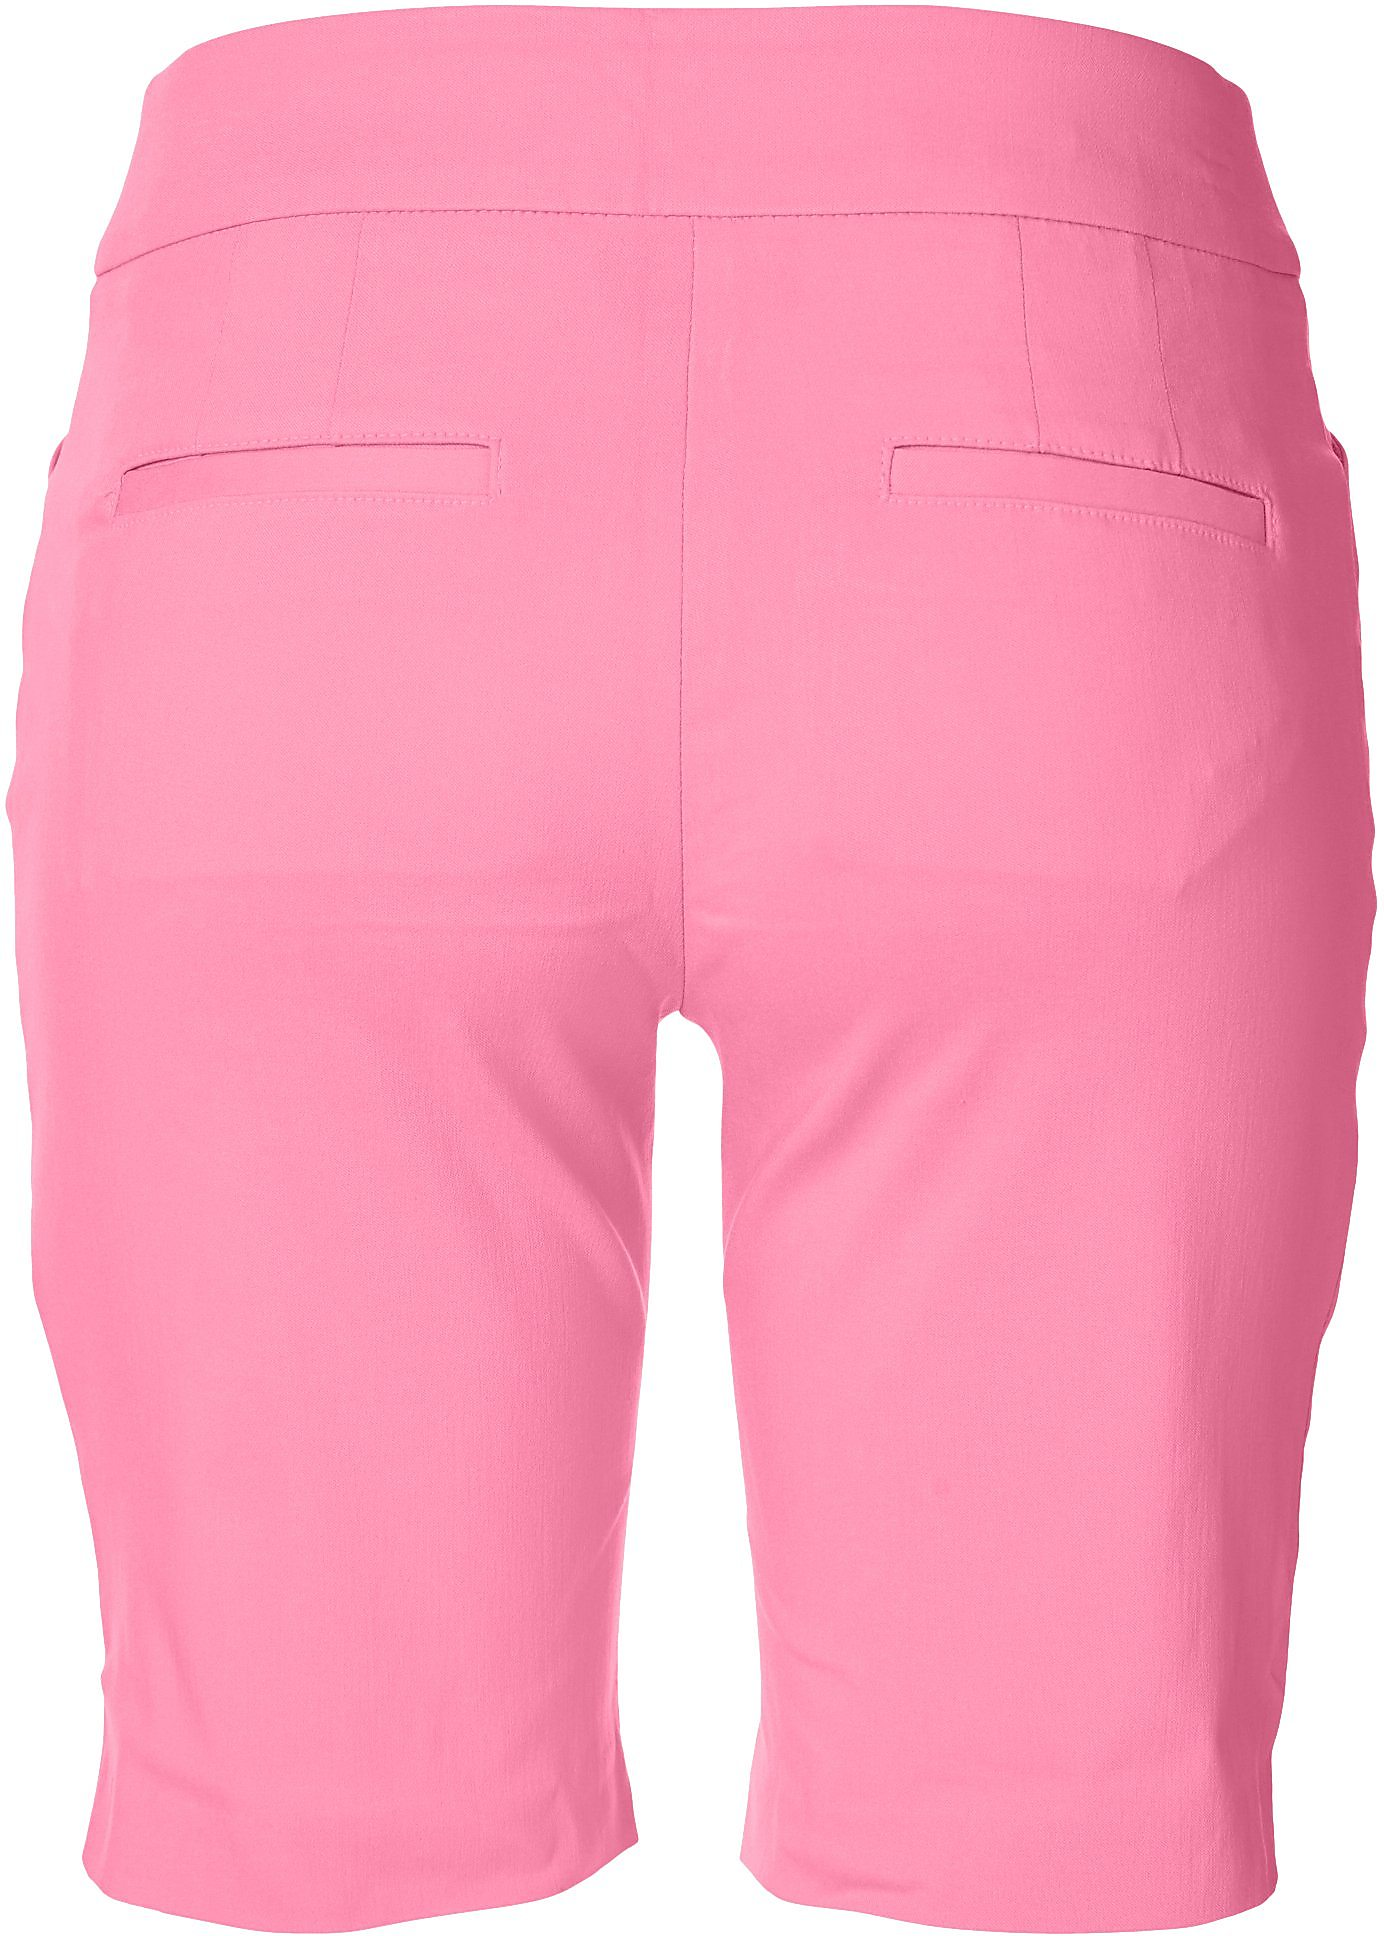 thumbnail 16 - ATTYRE Womens Solid Bermuda Shorts